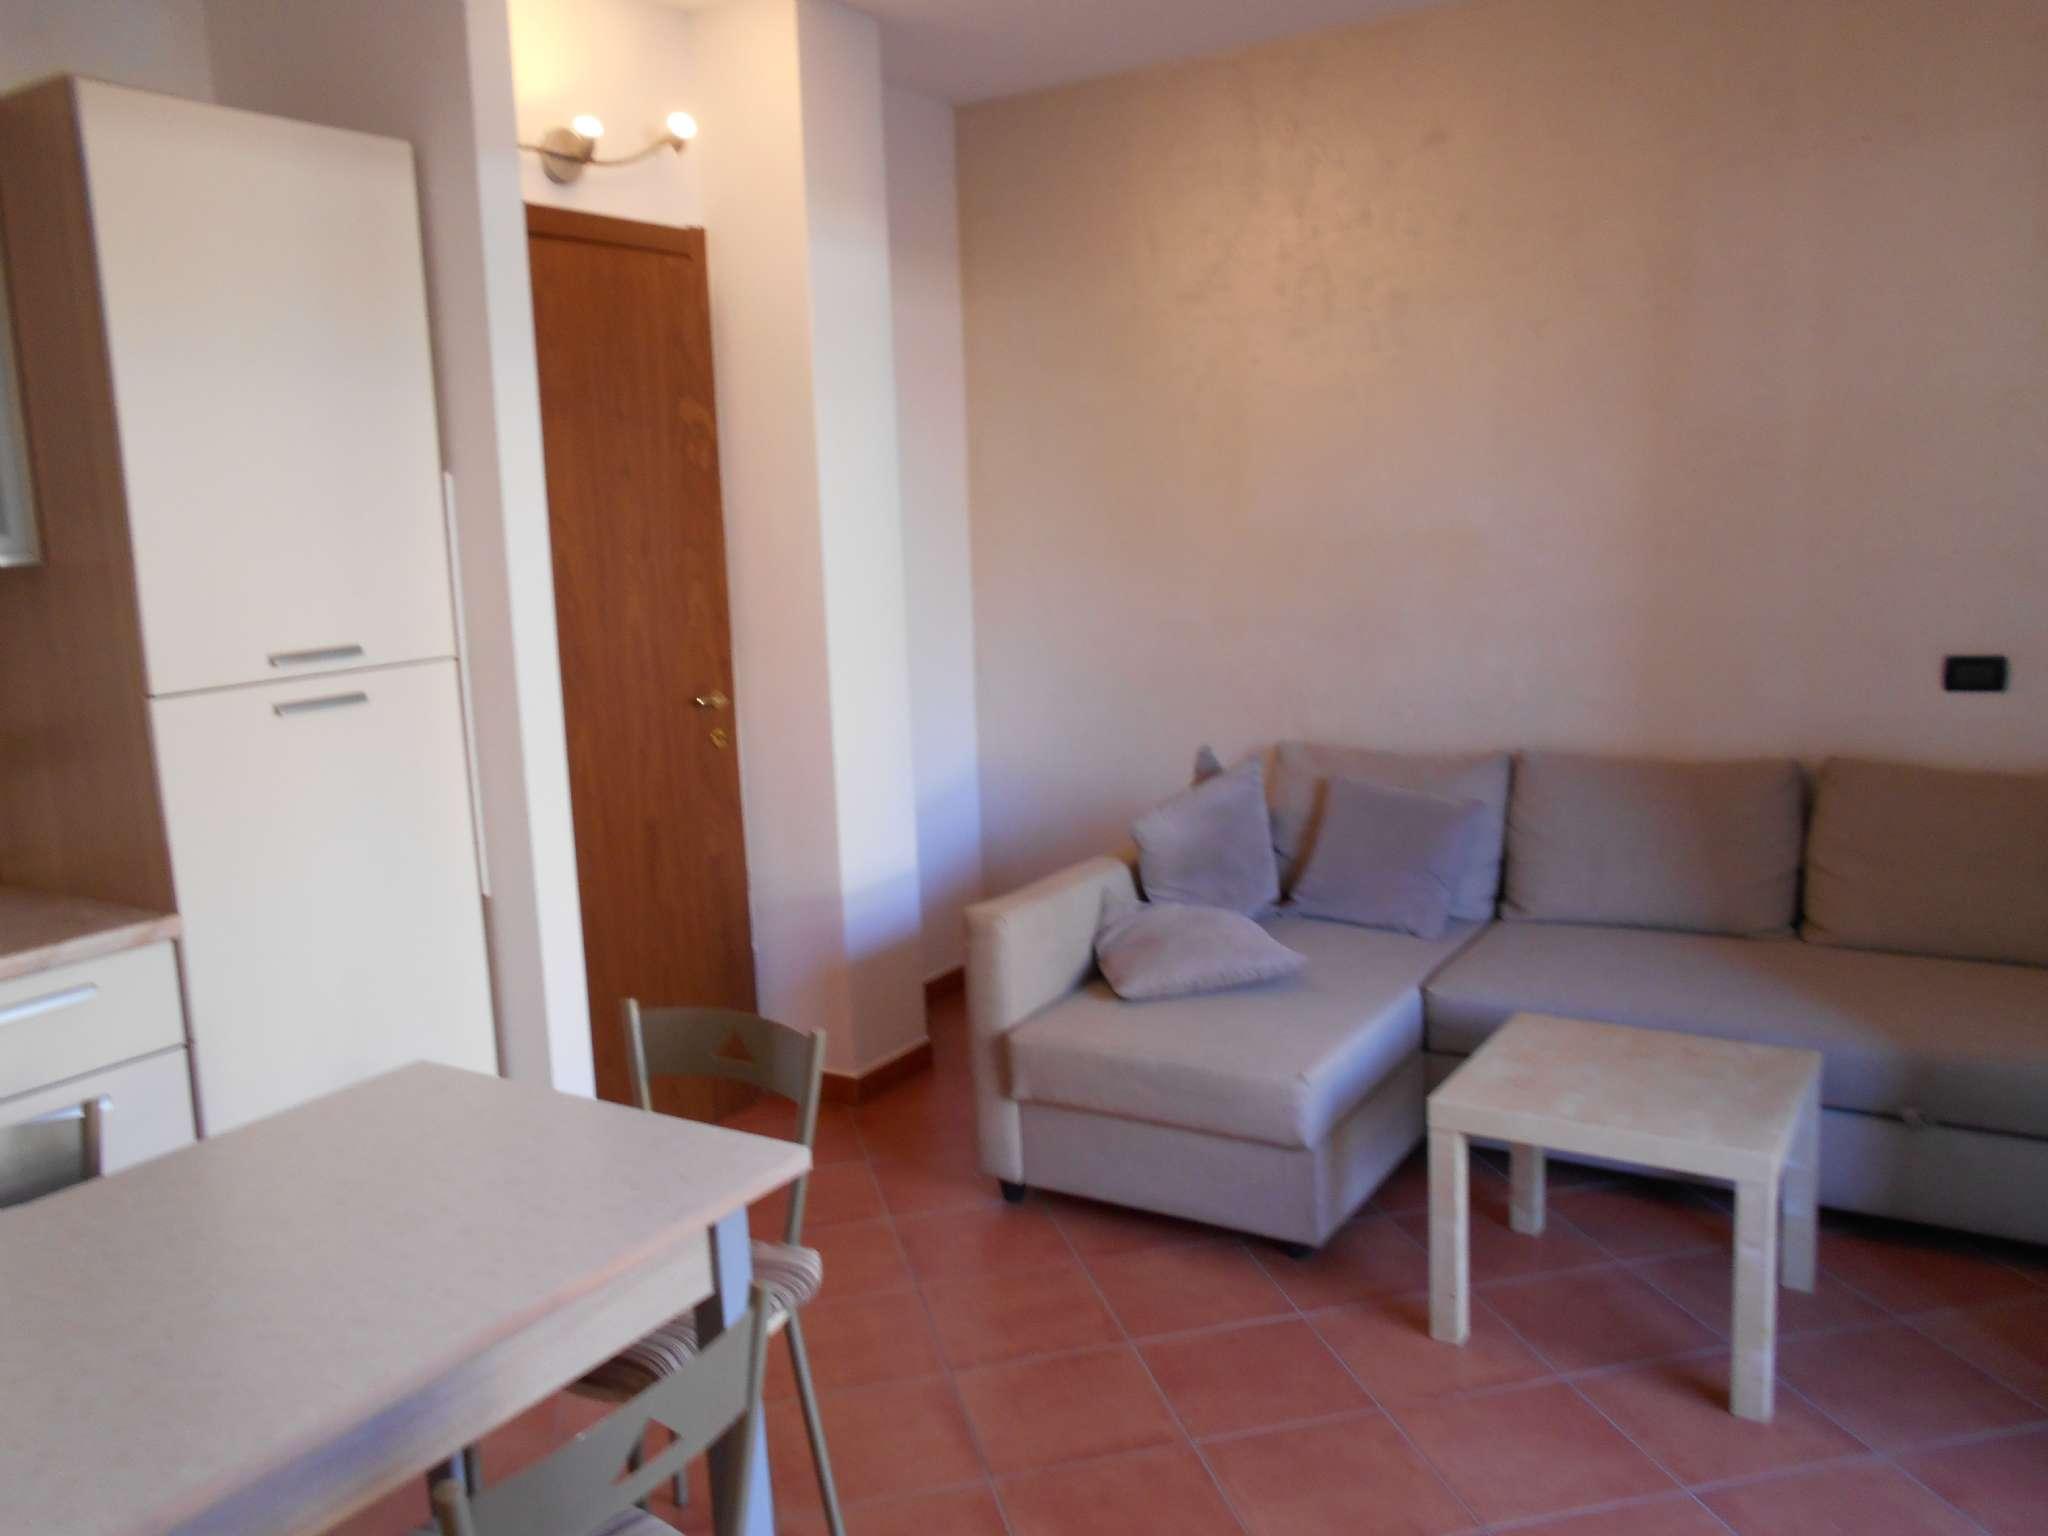 Appartamento in vendita a Induno Olona, 1 locali, prezzo € 60.000 | PortaleAgenzieImmobiliari.it